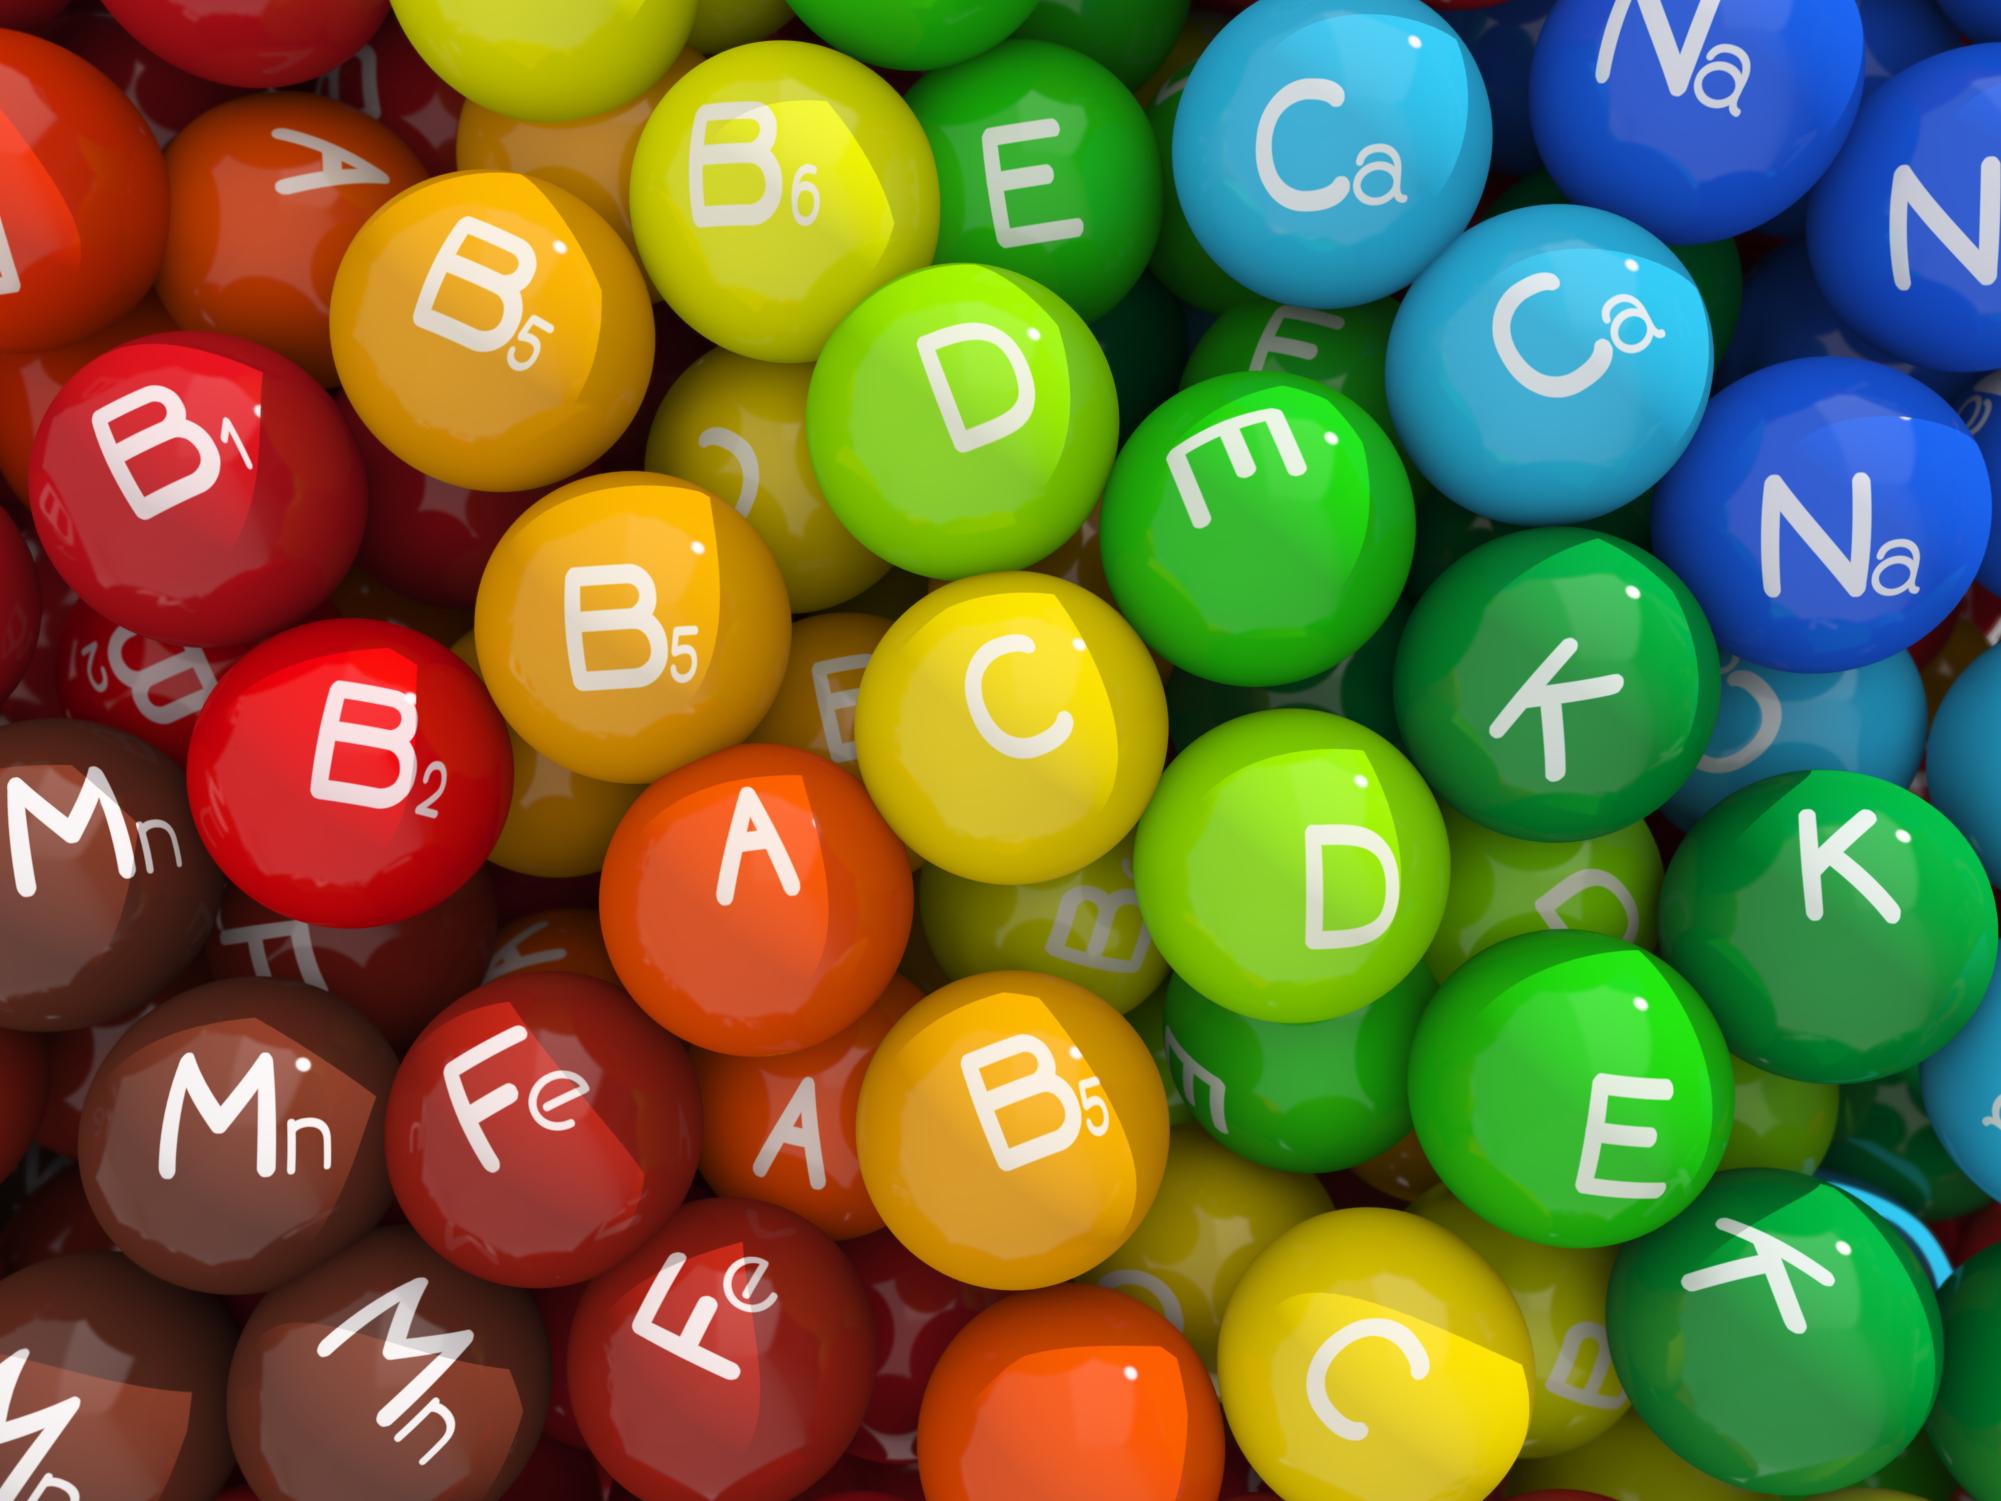 ۵ ویتامین بسیار مهم برای عضله سازی و ریکاوری